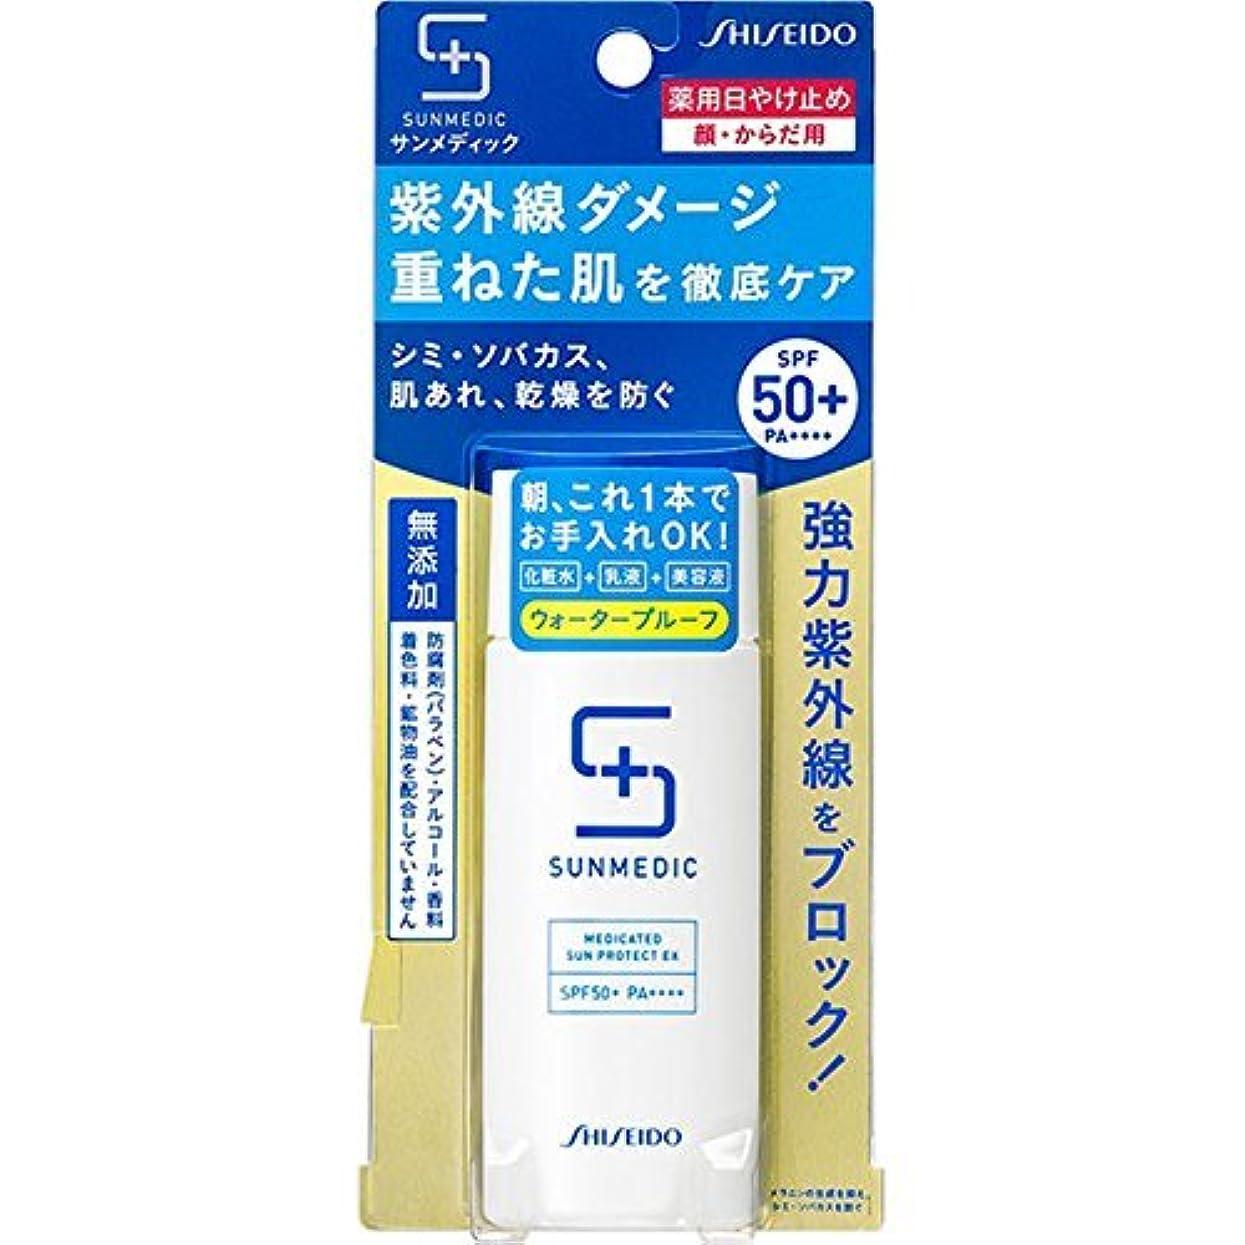 暴力的なクラウド副詞MK サンメディックUV 薬用サンプロテクトEX 50mL (医薬部外品)